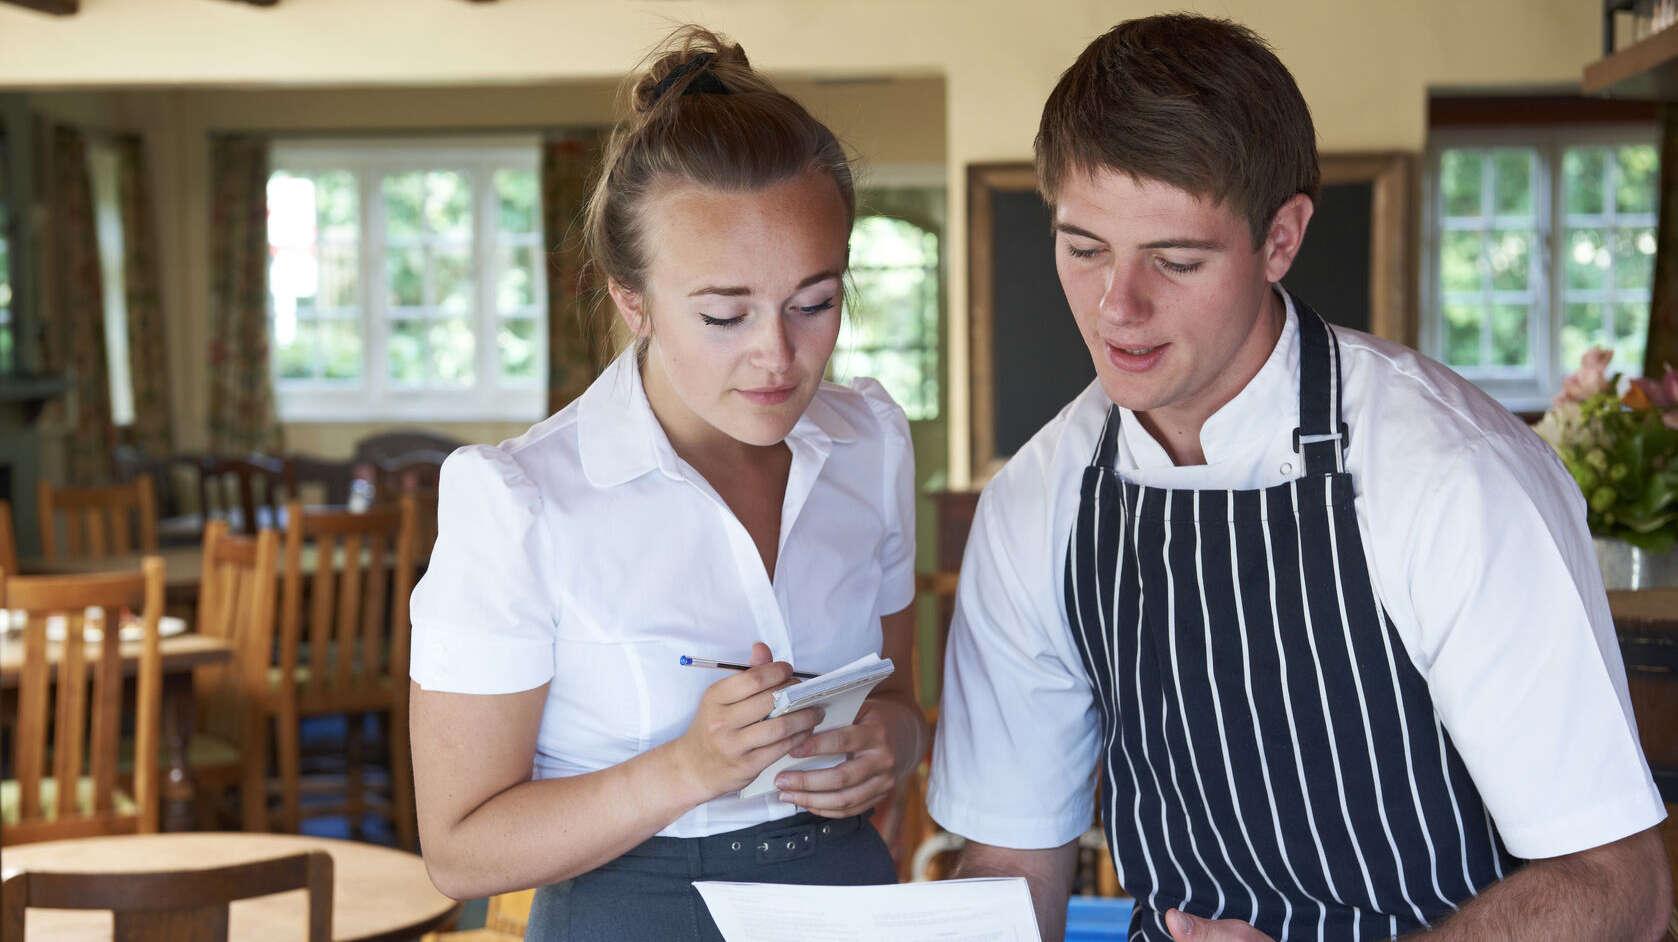 Eine junge Kellnerin und ein Kellner, er hält ein Blatt Papier in der Hand und sie sprechen darüber